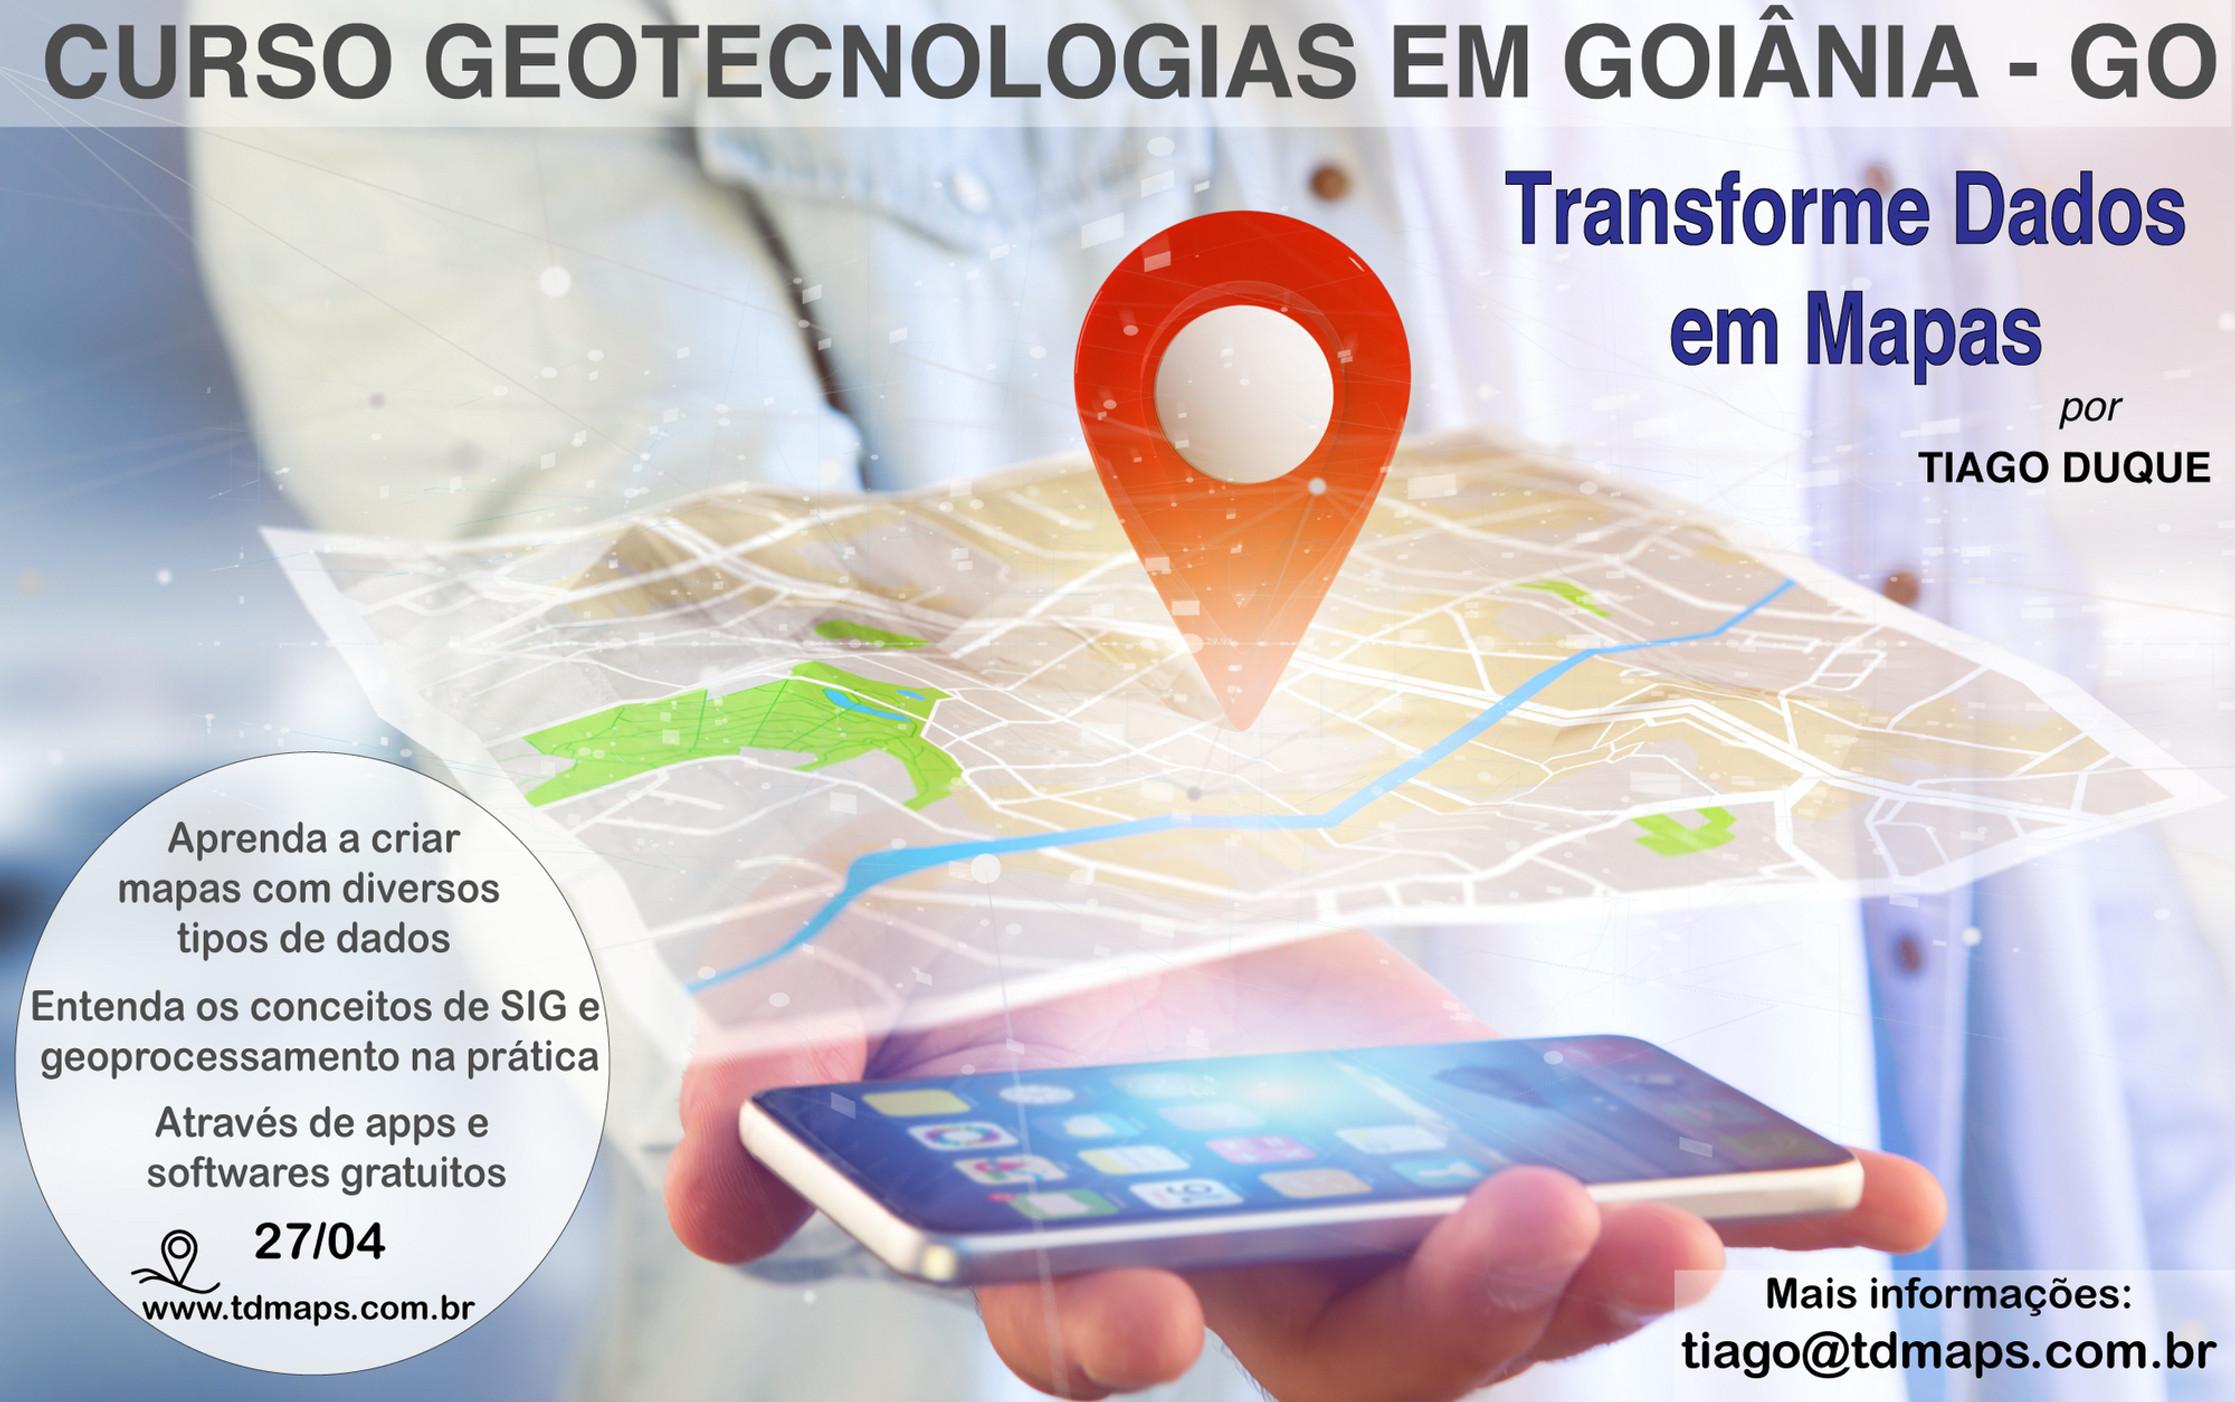 Transforme Dados em Mapas